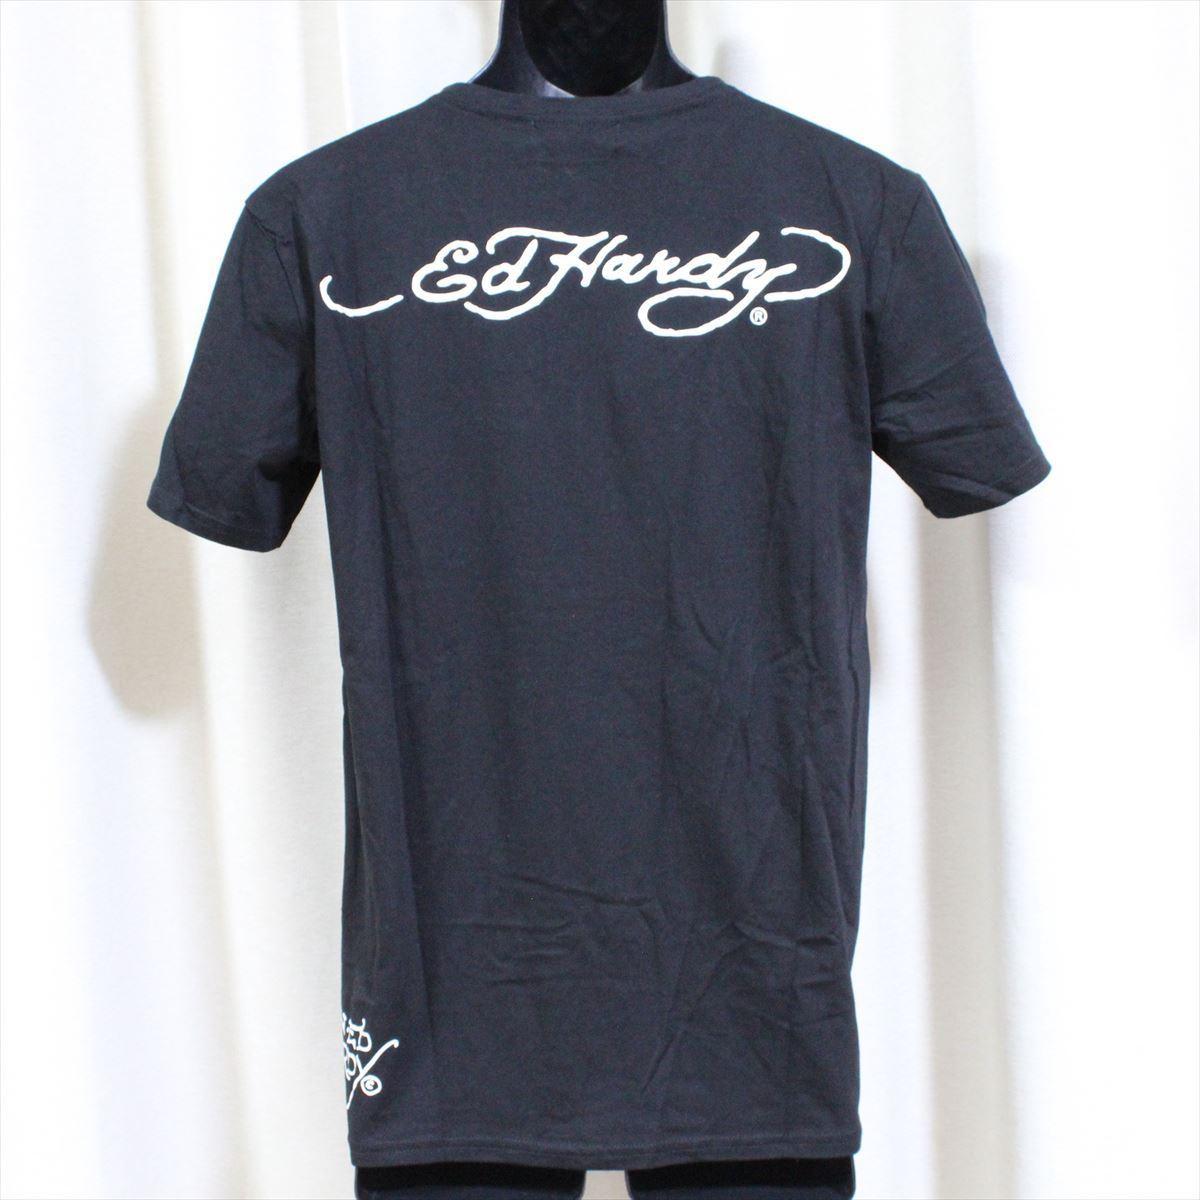 エドハーディー ED HARDY メンズ半袖Tシャツ ブラック Sサイズ M02CMVUS052 新品 U.S.A_画像3